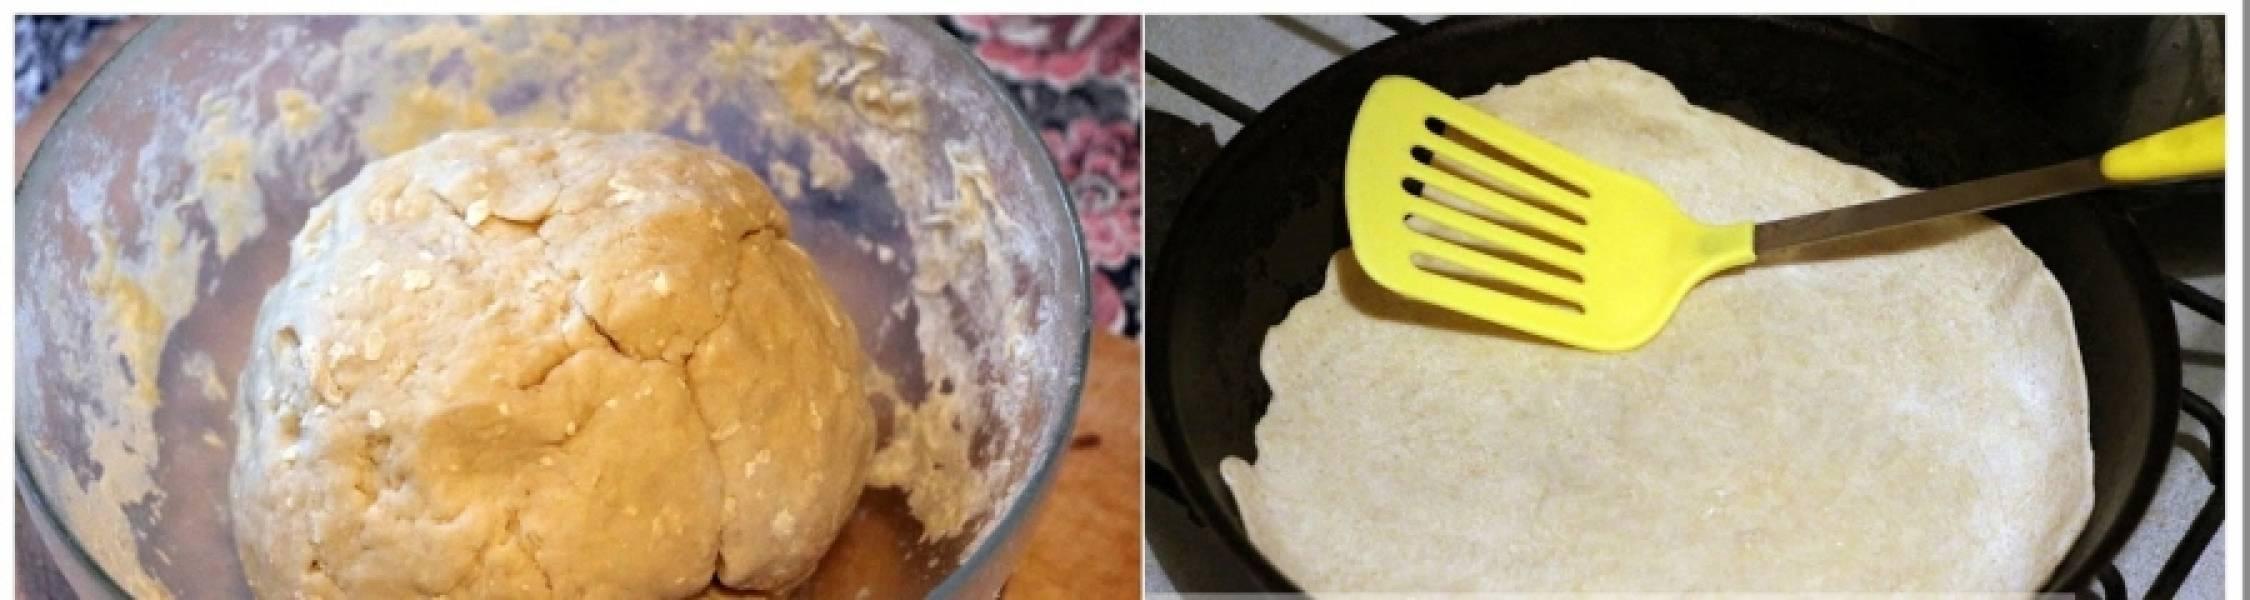 Смешайте лук с картофельным пюре. А теперь приготовим тесто: просейте муку, добавьте соль и 2 ст.л. растительного масла, влейте кипяток и быстро перемешайте. Через минуту замешайте тесто. Накрываем тесто пищевой пленкой и даем ему отдохнуть 25 минут.